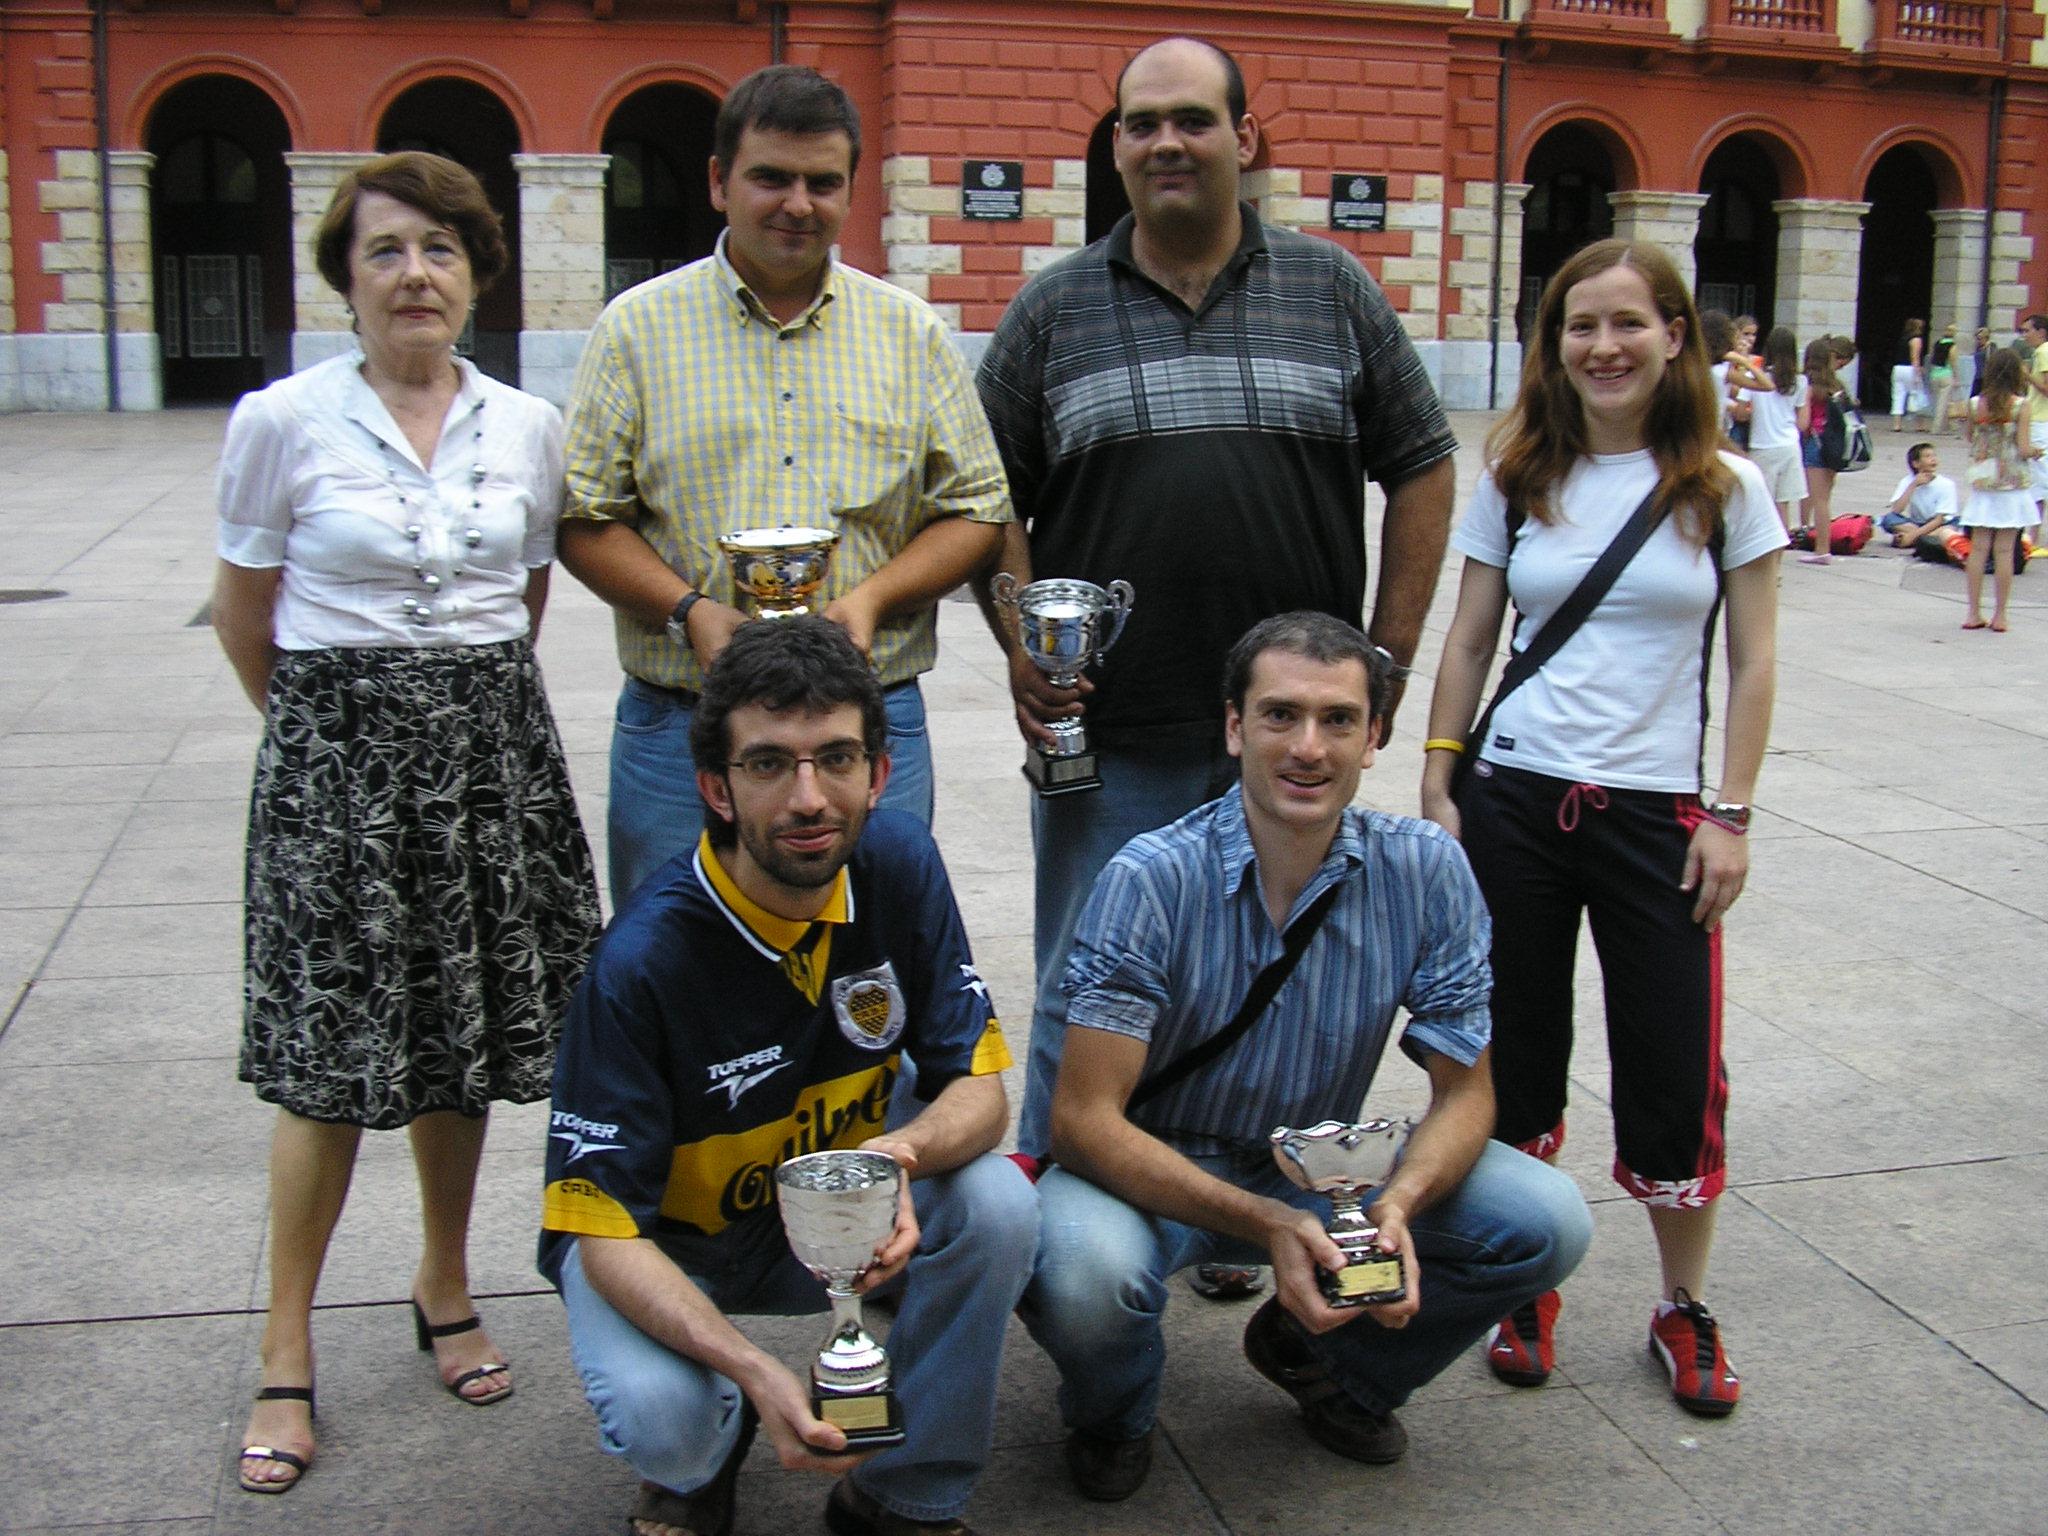 Fomento Beraun de Errentería se alzó con la XXII Edición en 2006